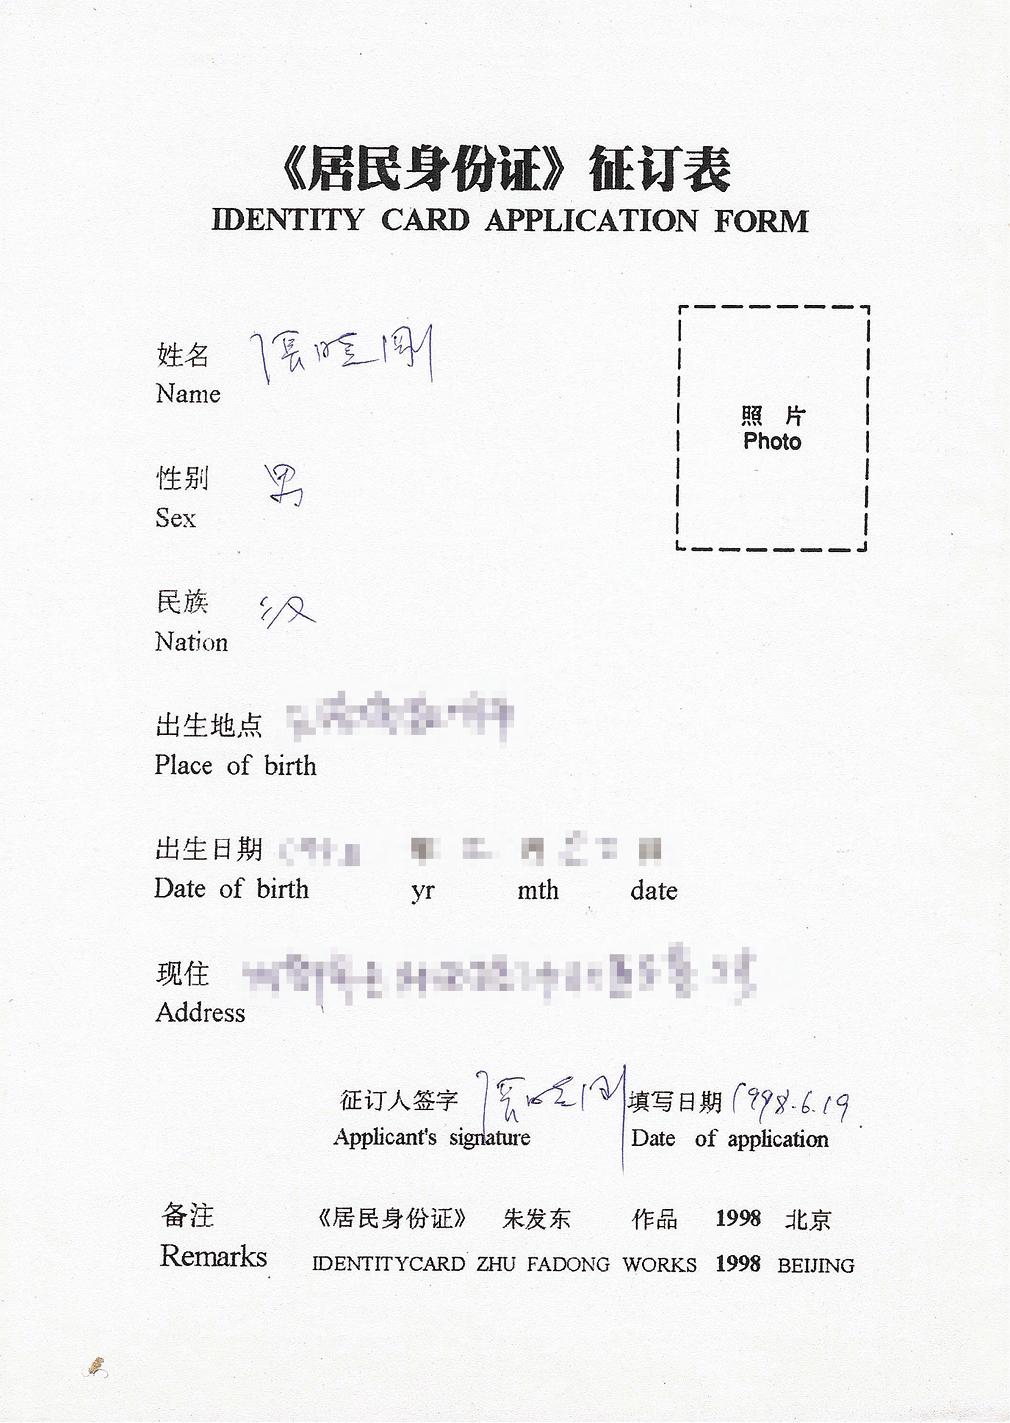 身份拍卖—项目申请表之张晓刚